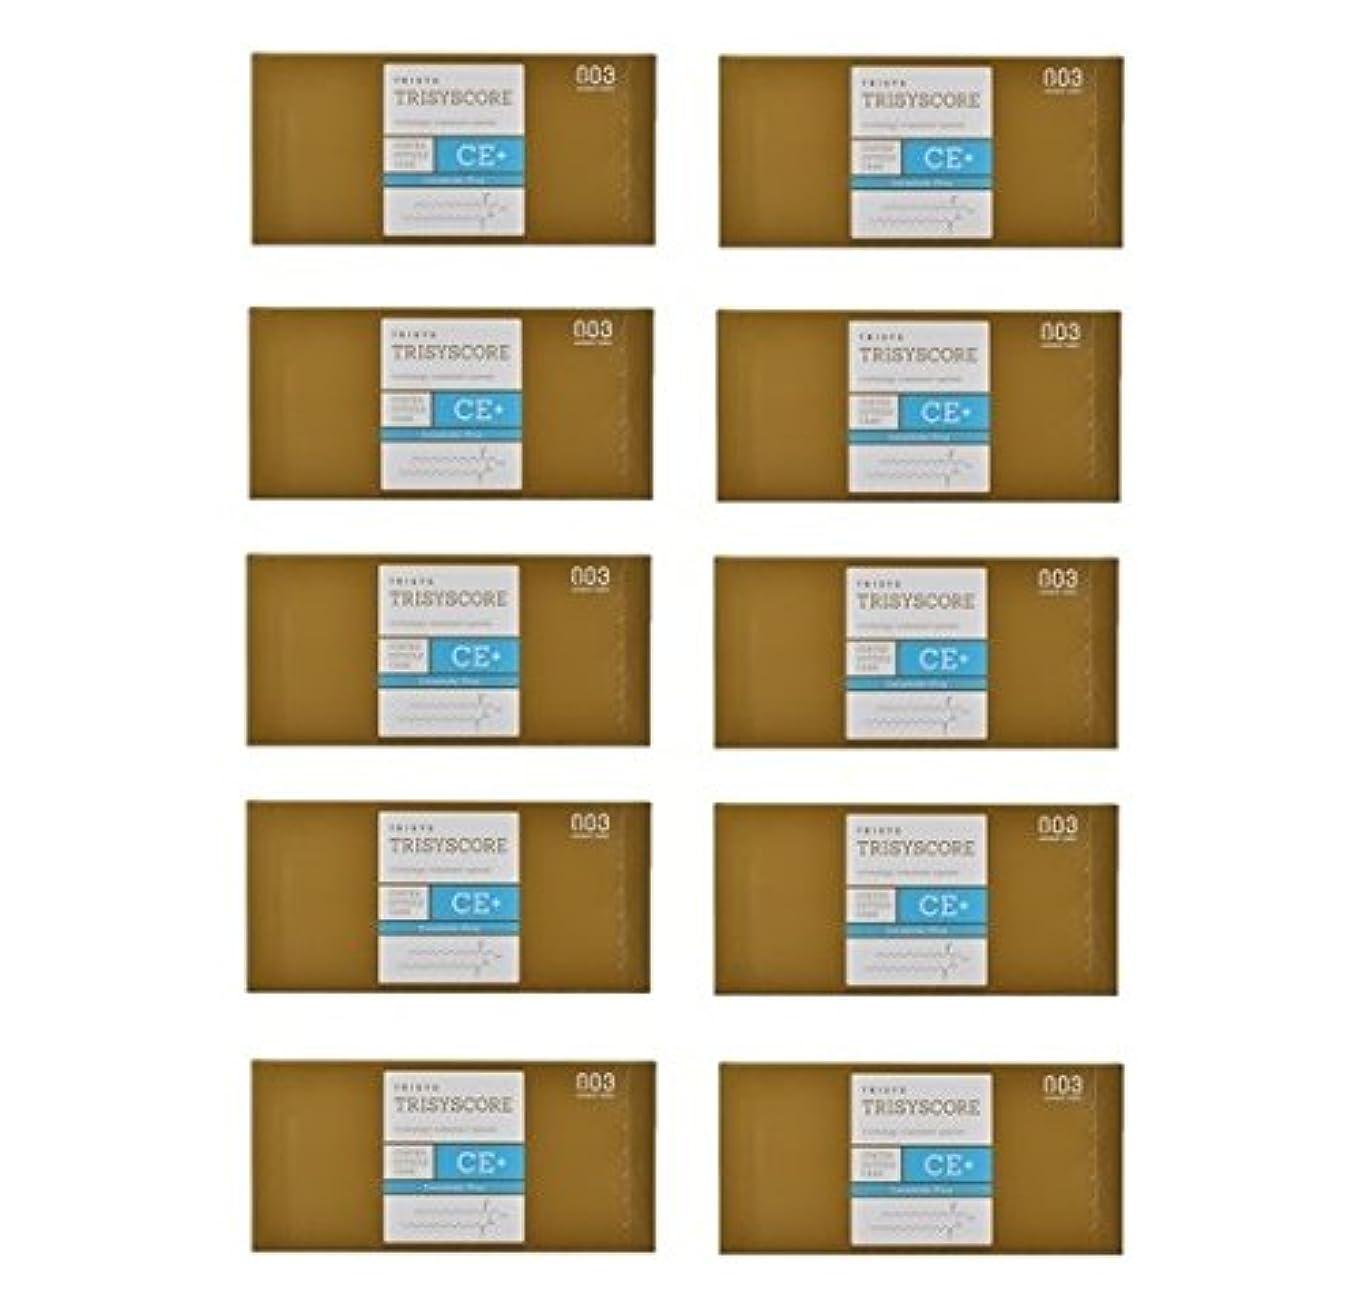 カジュアル石鹸パンサー【X10個セット】ナンバースリー トリシスコア CEプラス (ヘアトリートメント) 12g × 4包入り